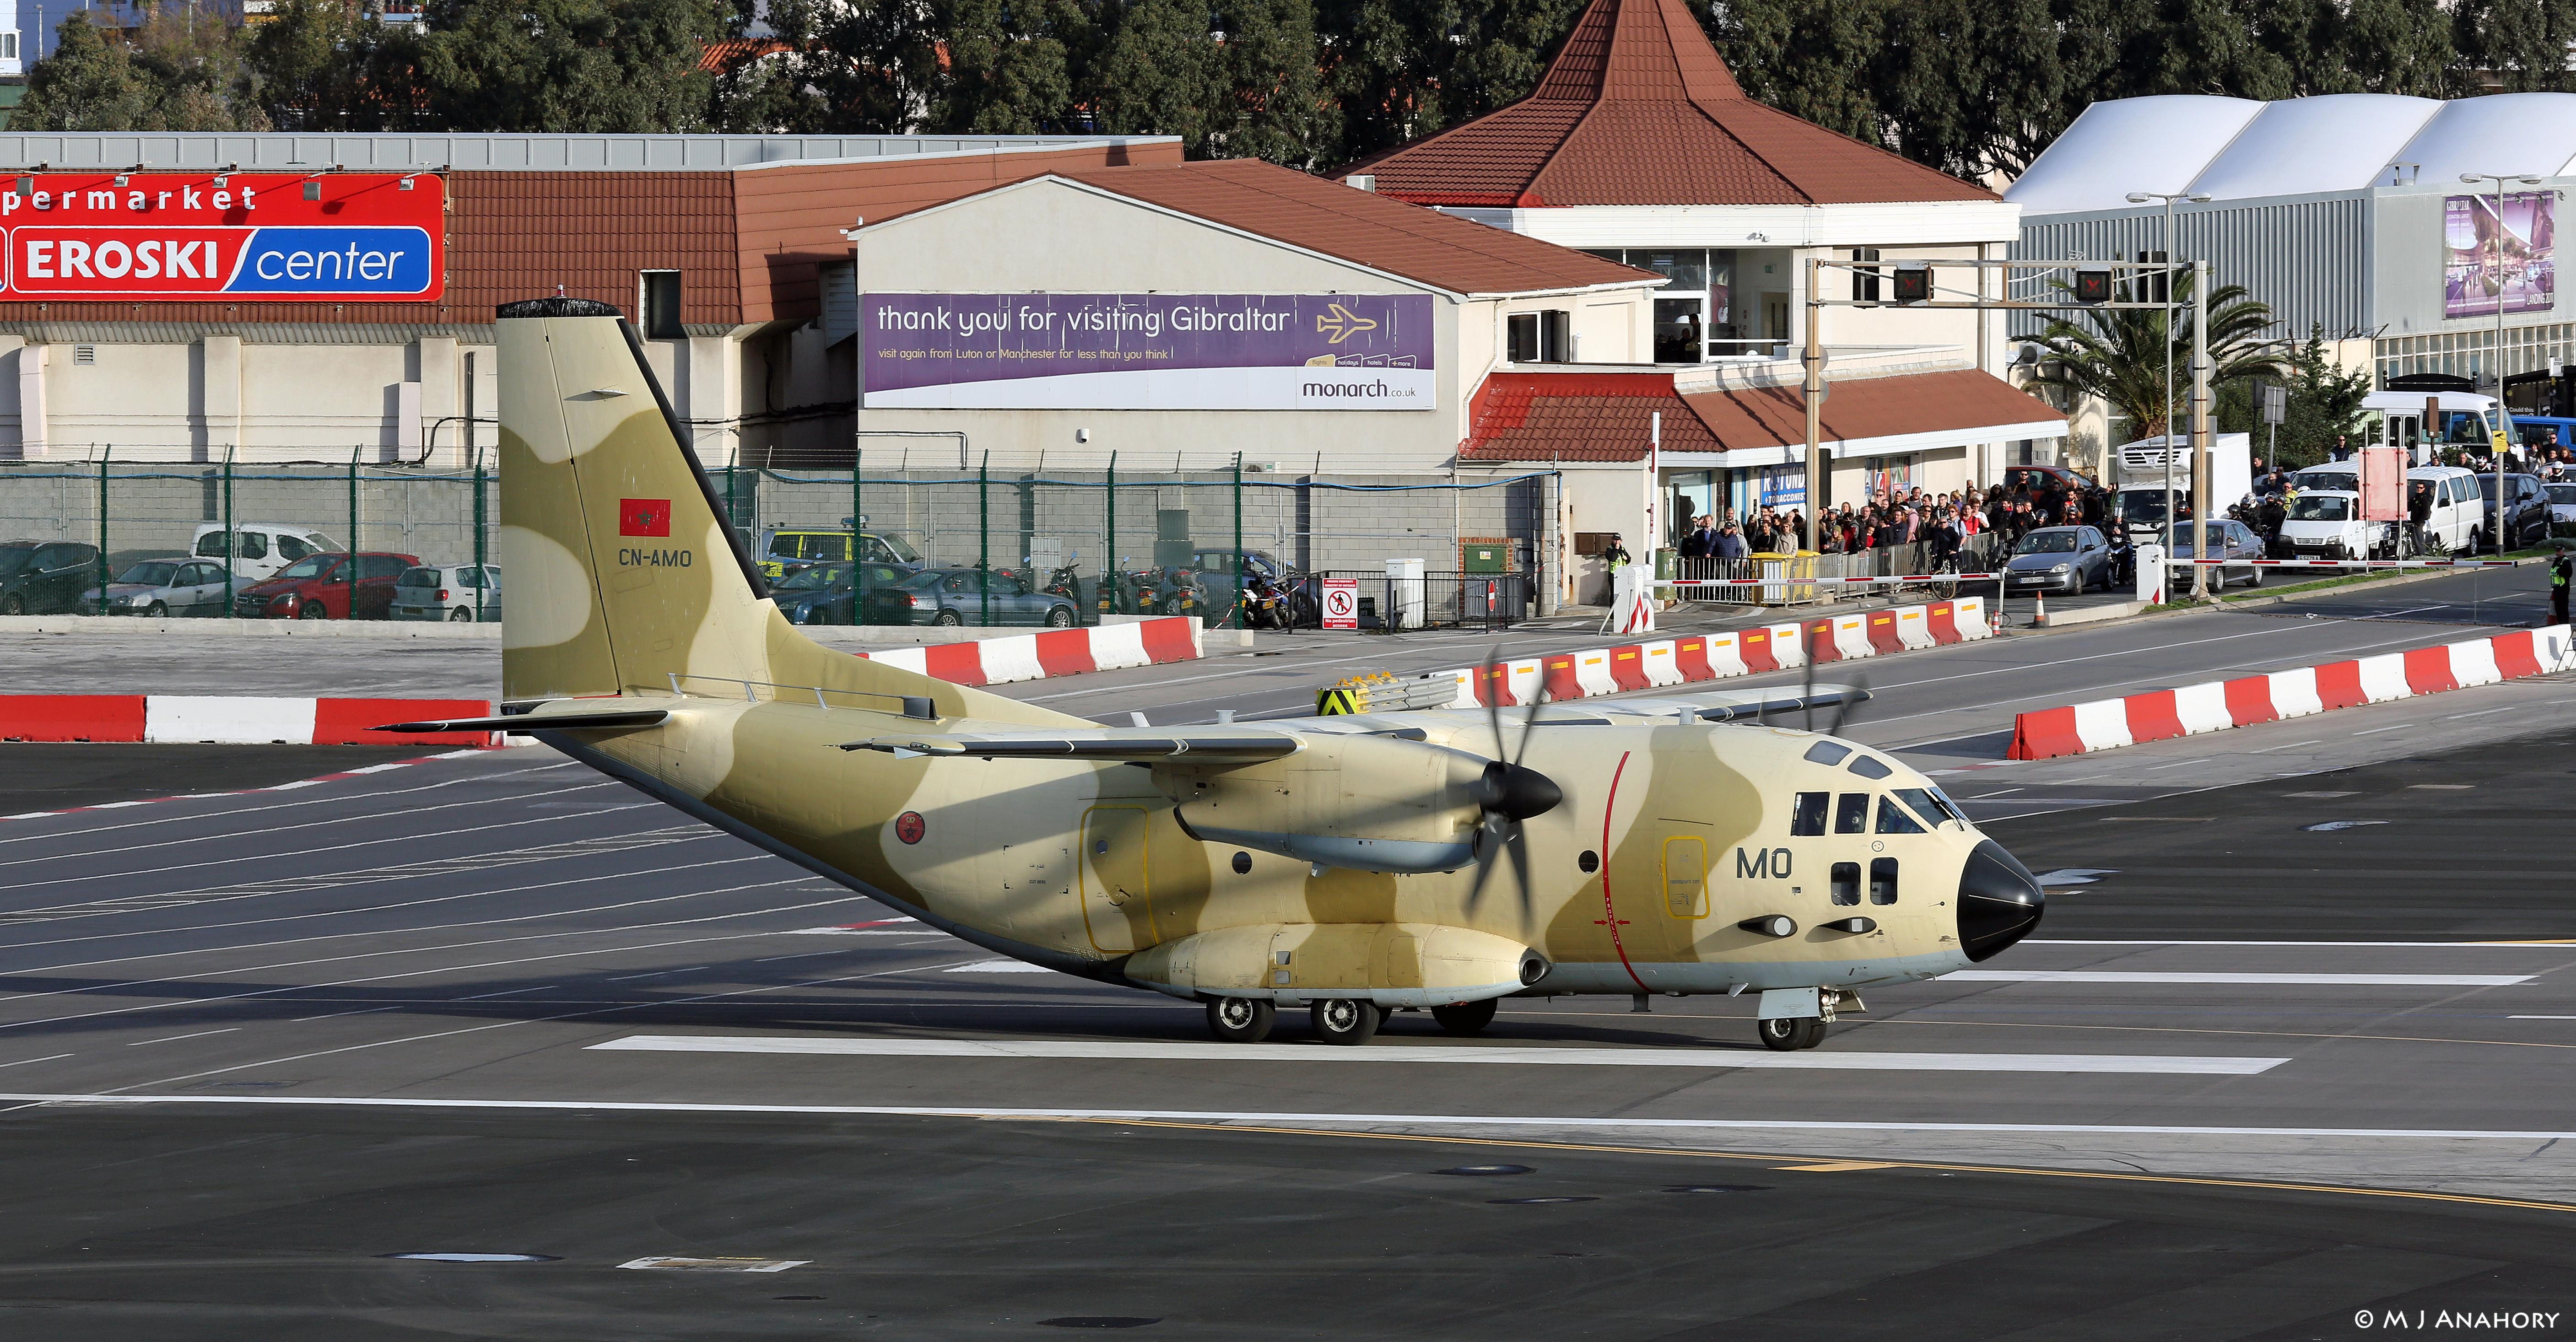 طائرات النقل العاملة بالقوات المسلحة المغربية - صفحة 3 24862199942_ddc9f1e9a4_o